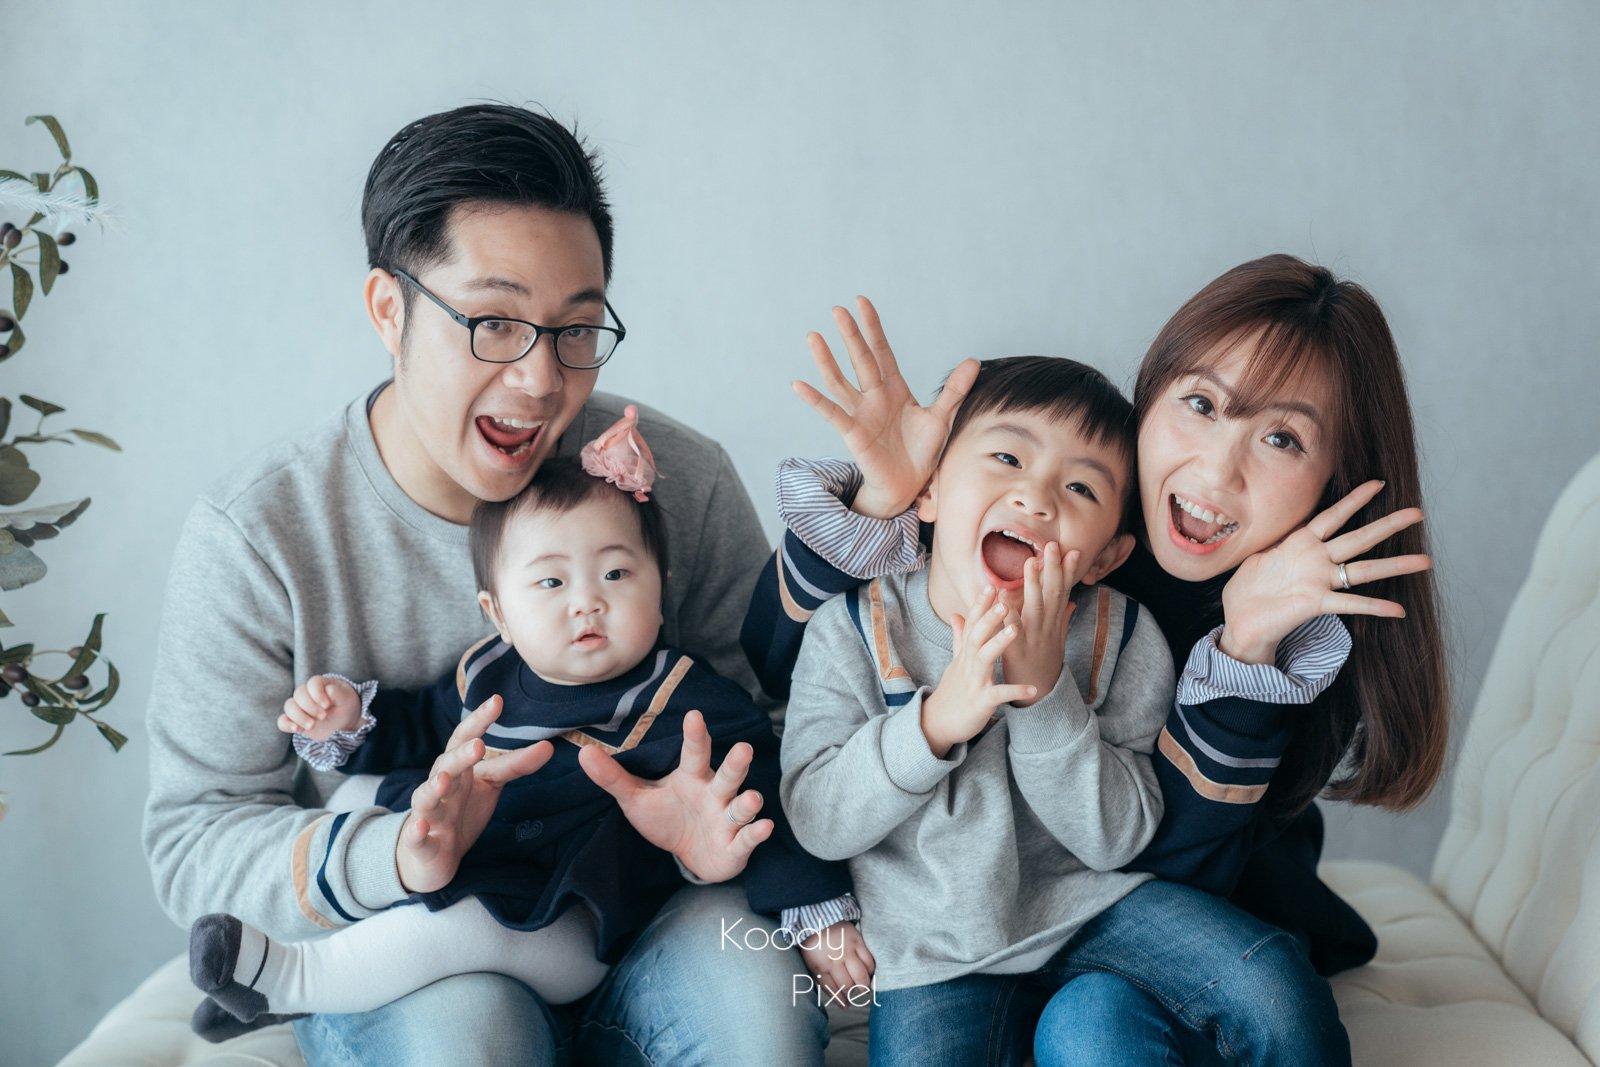 我們這一家 | Family Photo | 家庭照 | Koody Pixel